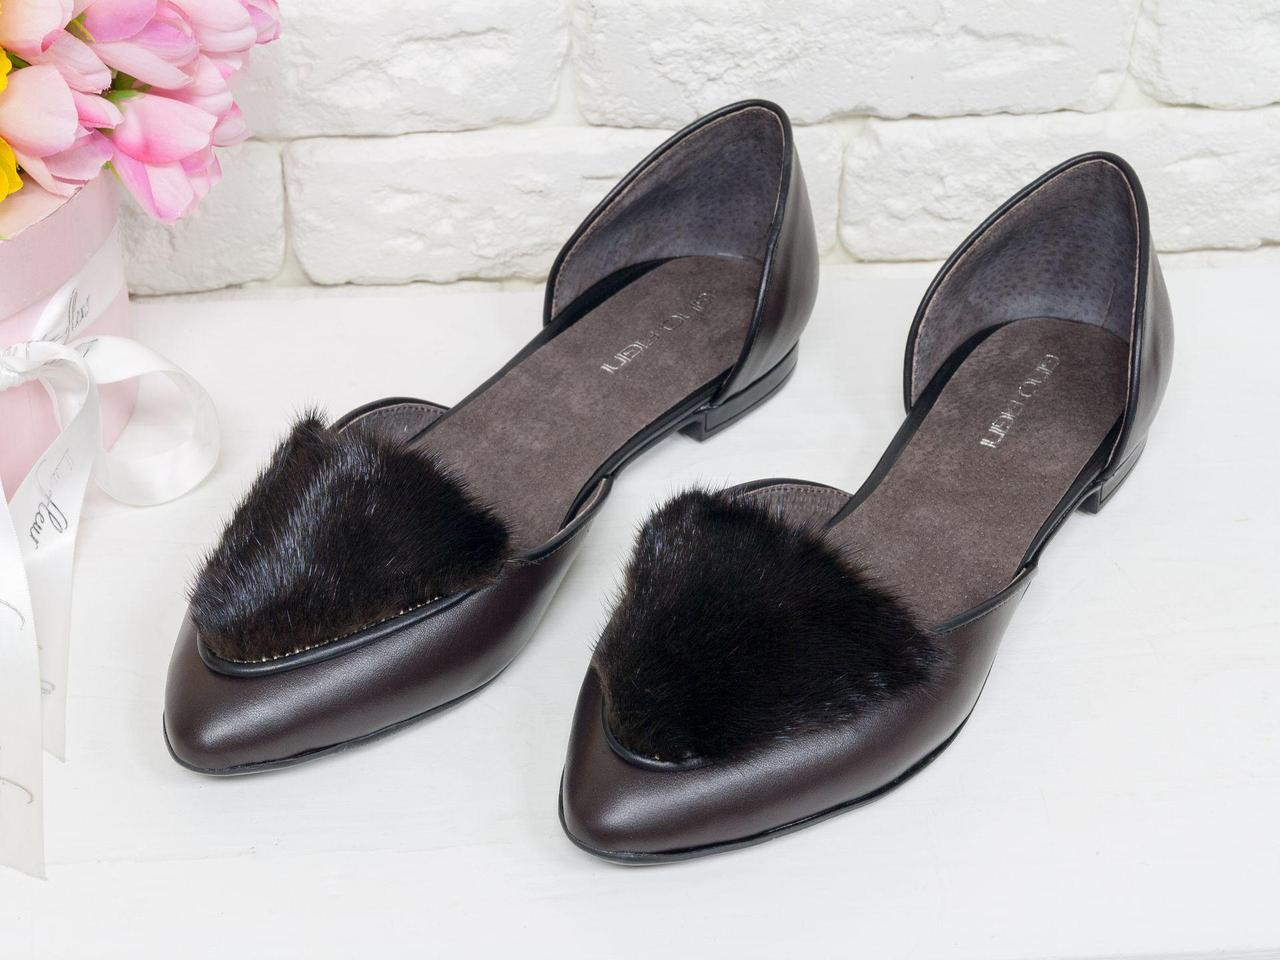 Эксклюзивные туфли-лодочки с удлиненным носиком на низком ходу из натуральной кожи шоколадного цвета